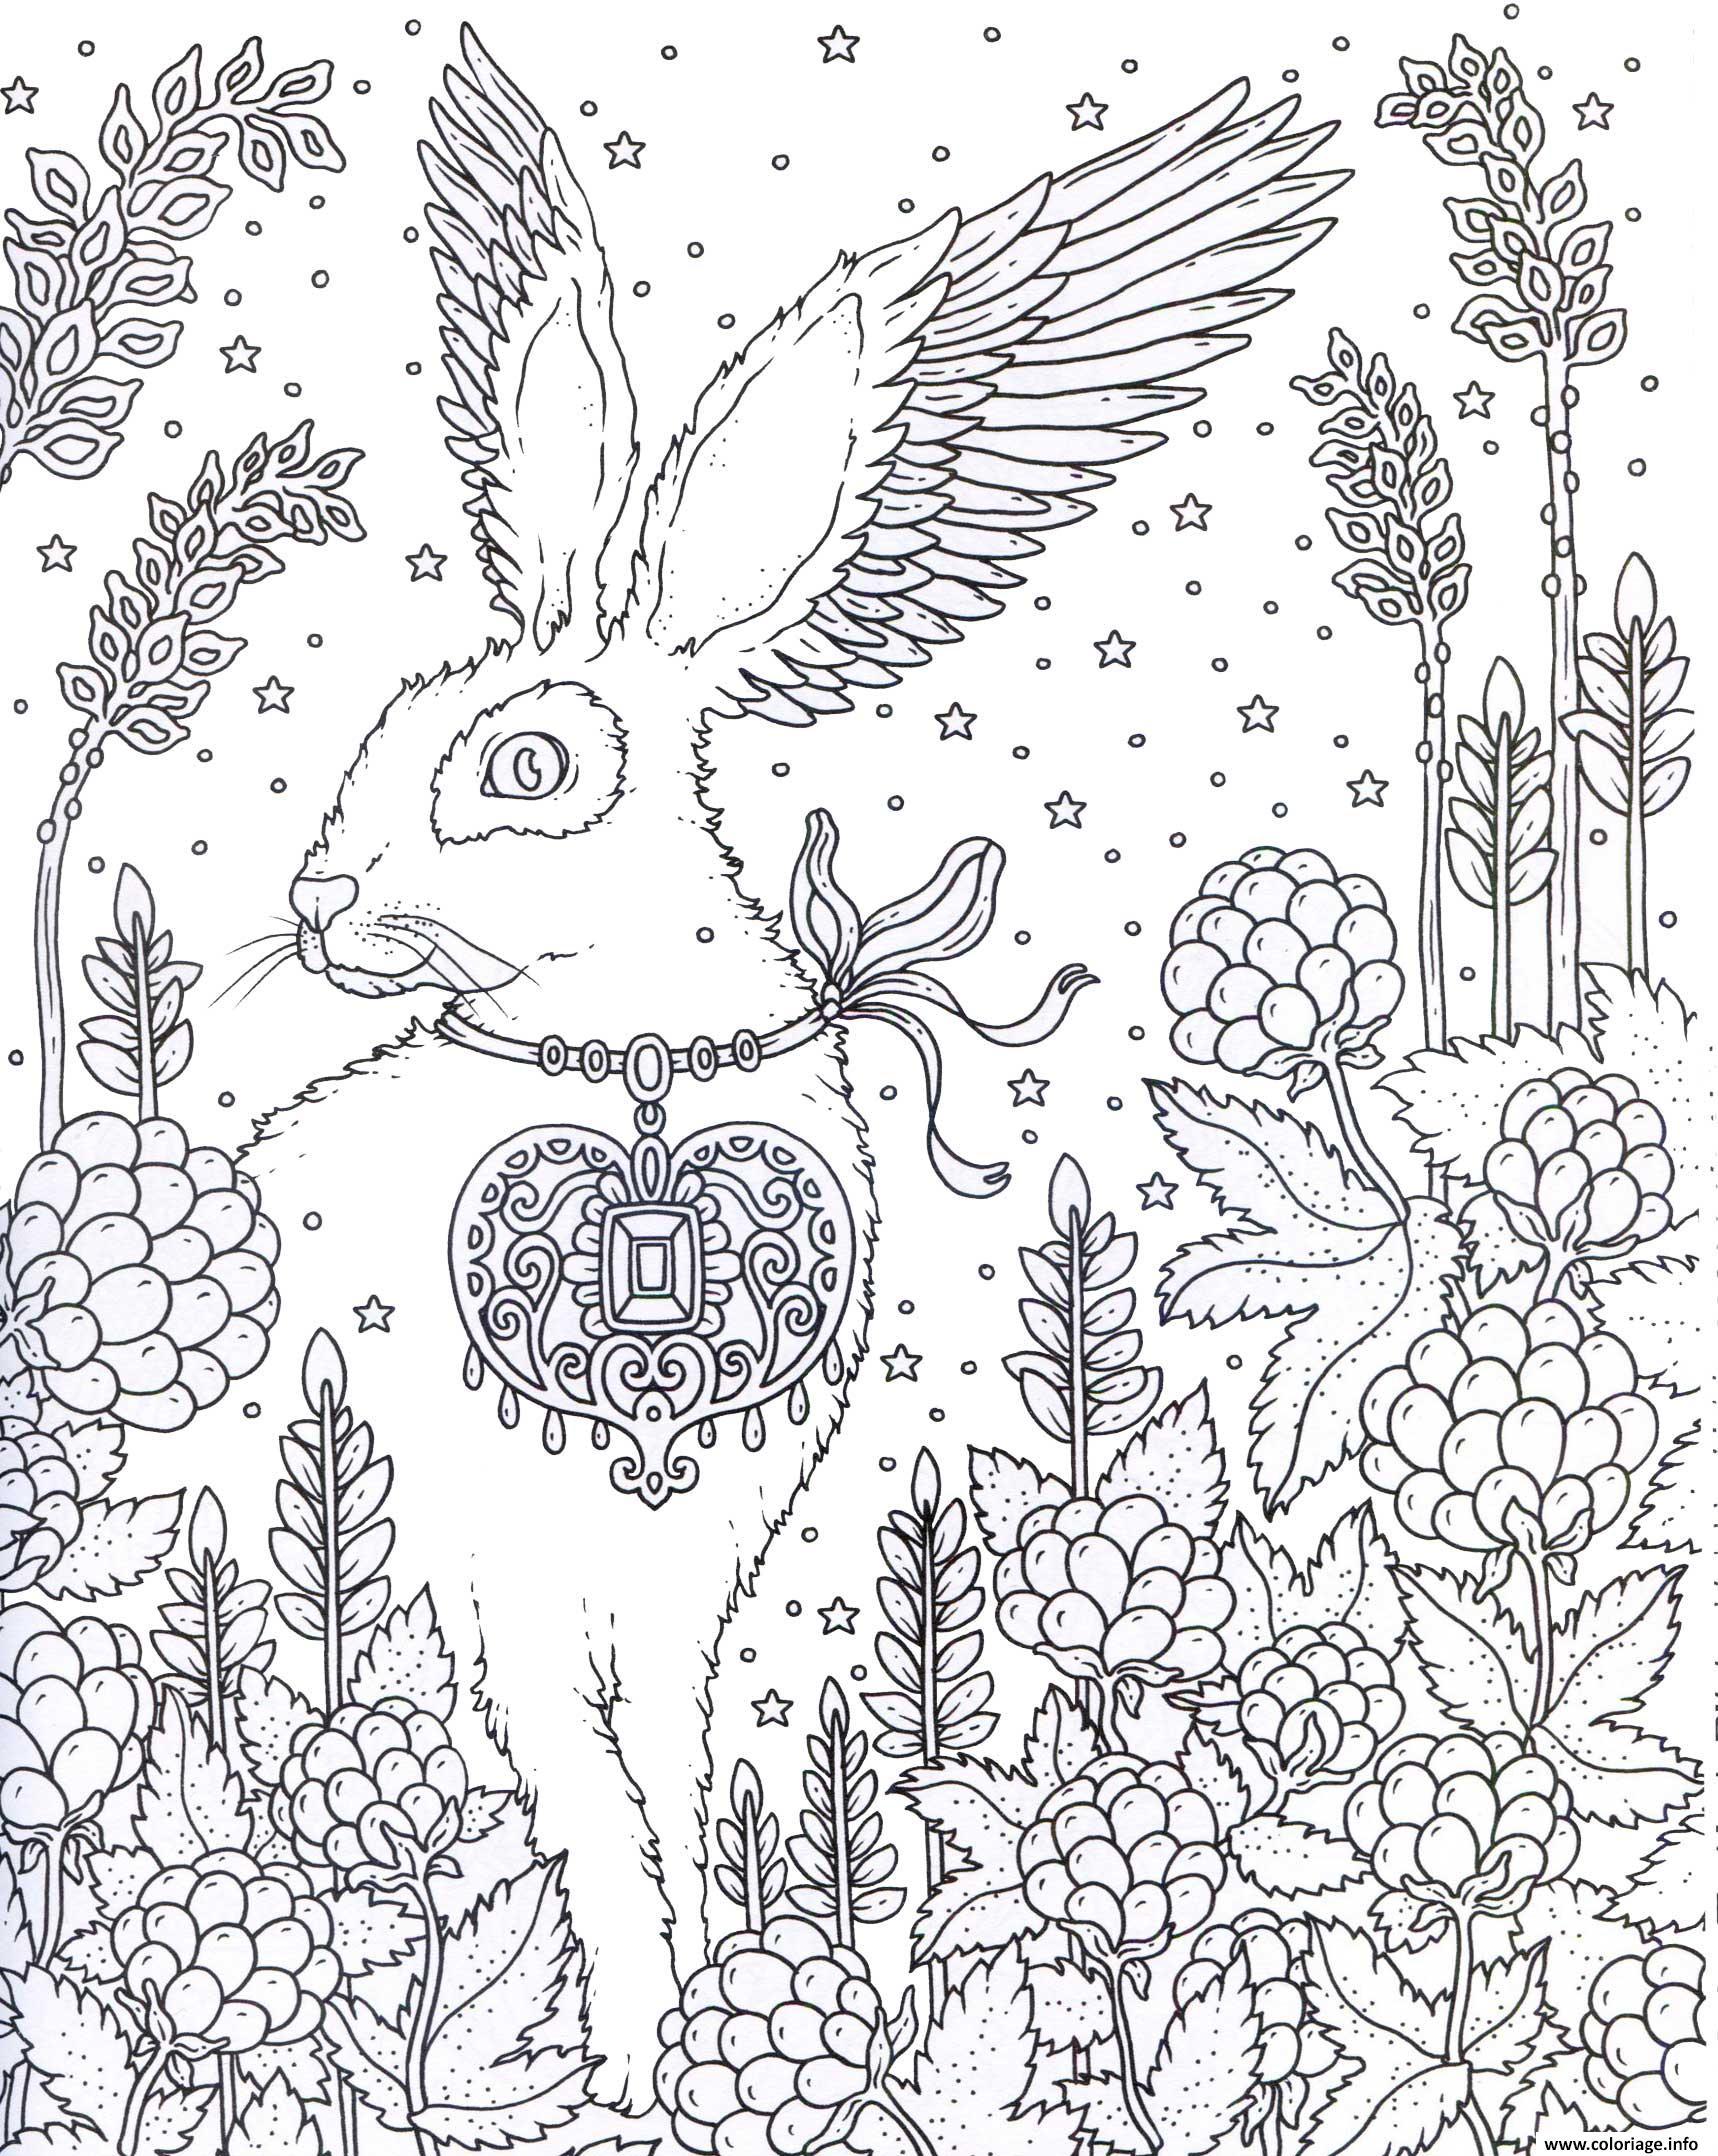 Dessin adulte lapin entoure de plantes Coloriage Gratuit à Imprimer